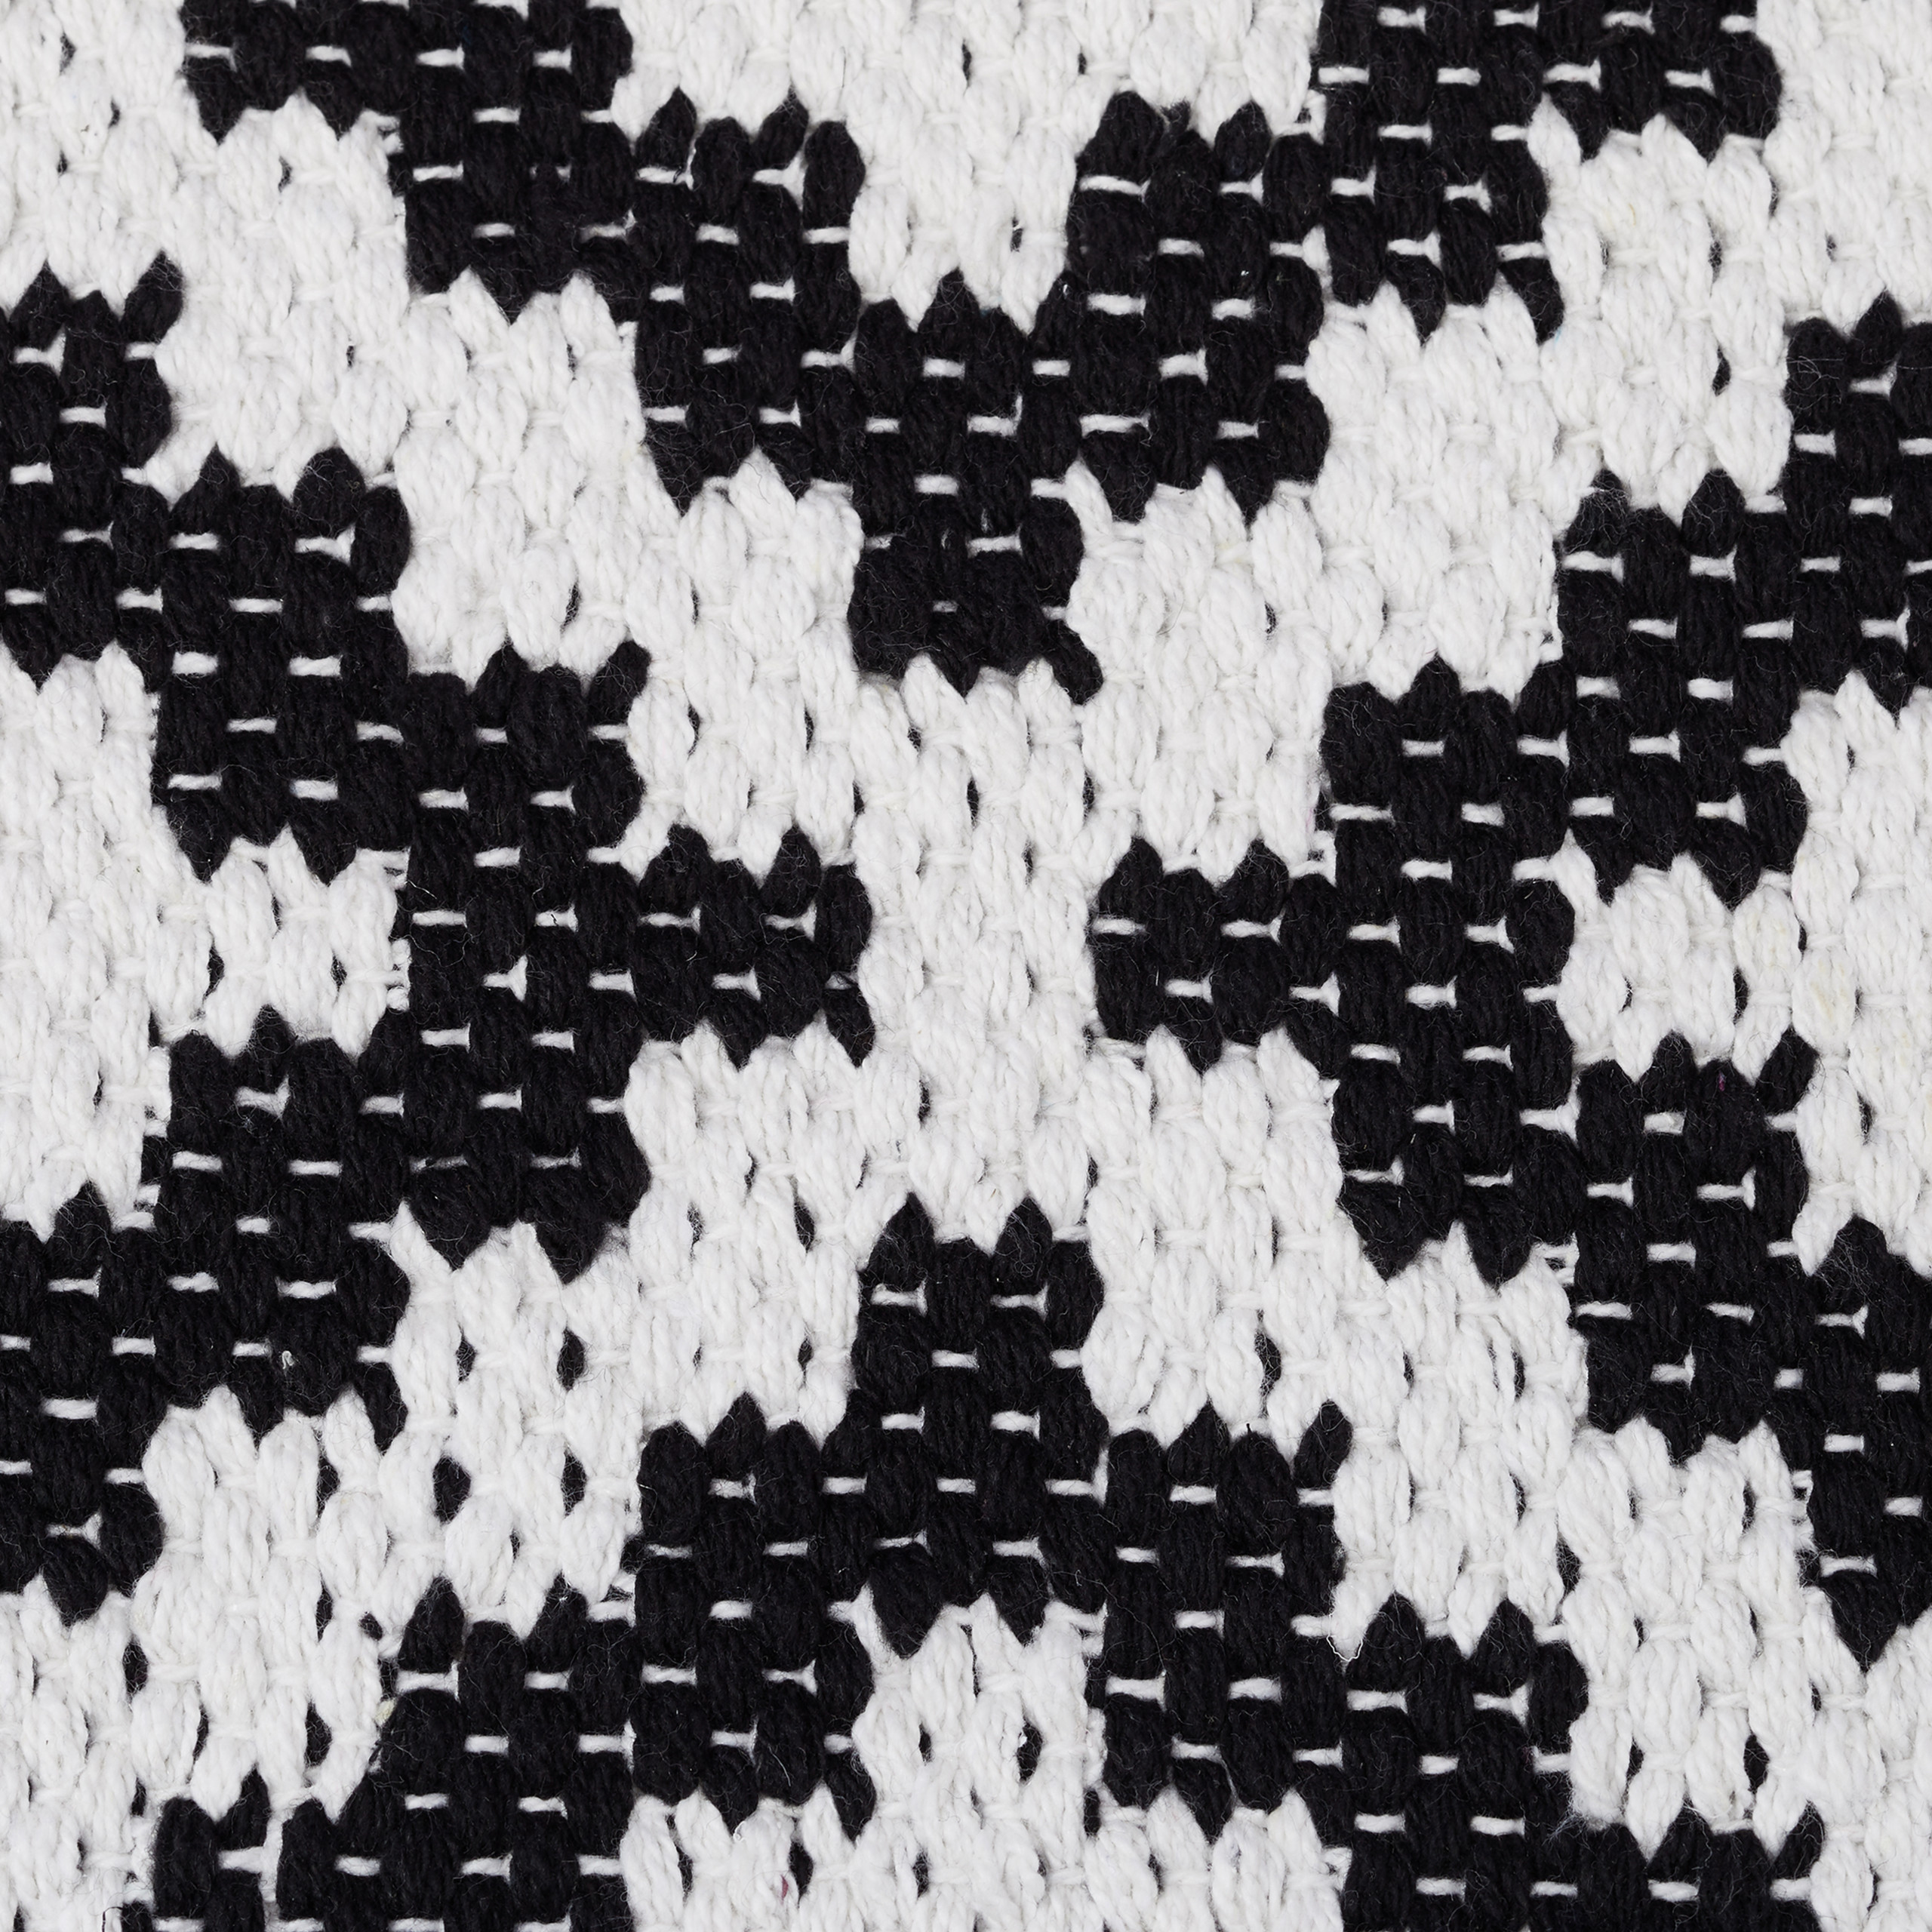 Black And White Rug Ebay Uk: Cotton Non-Slip Runner, Carpet Black And White Pattern